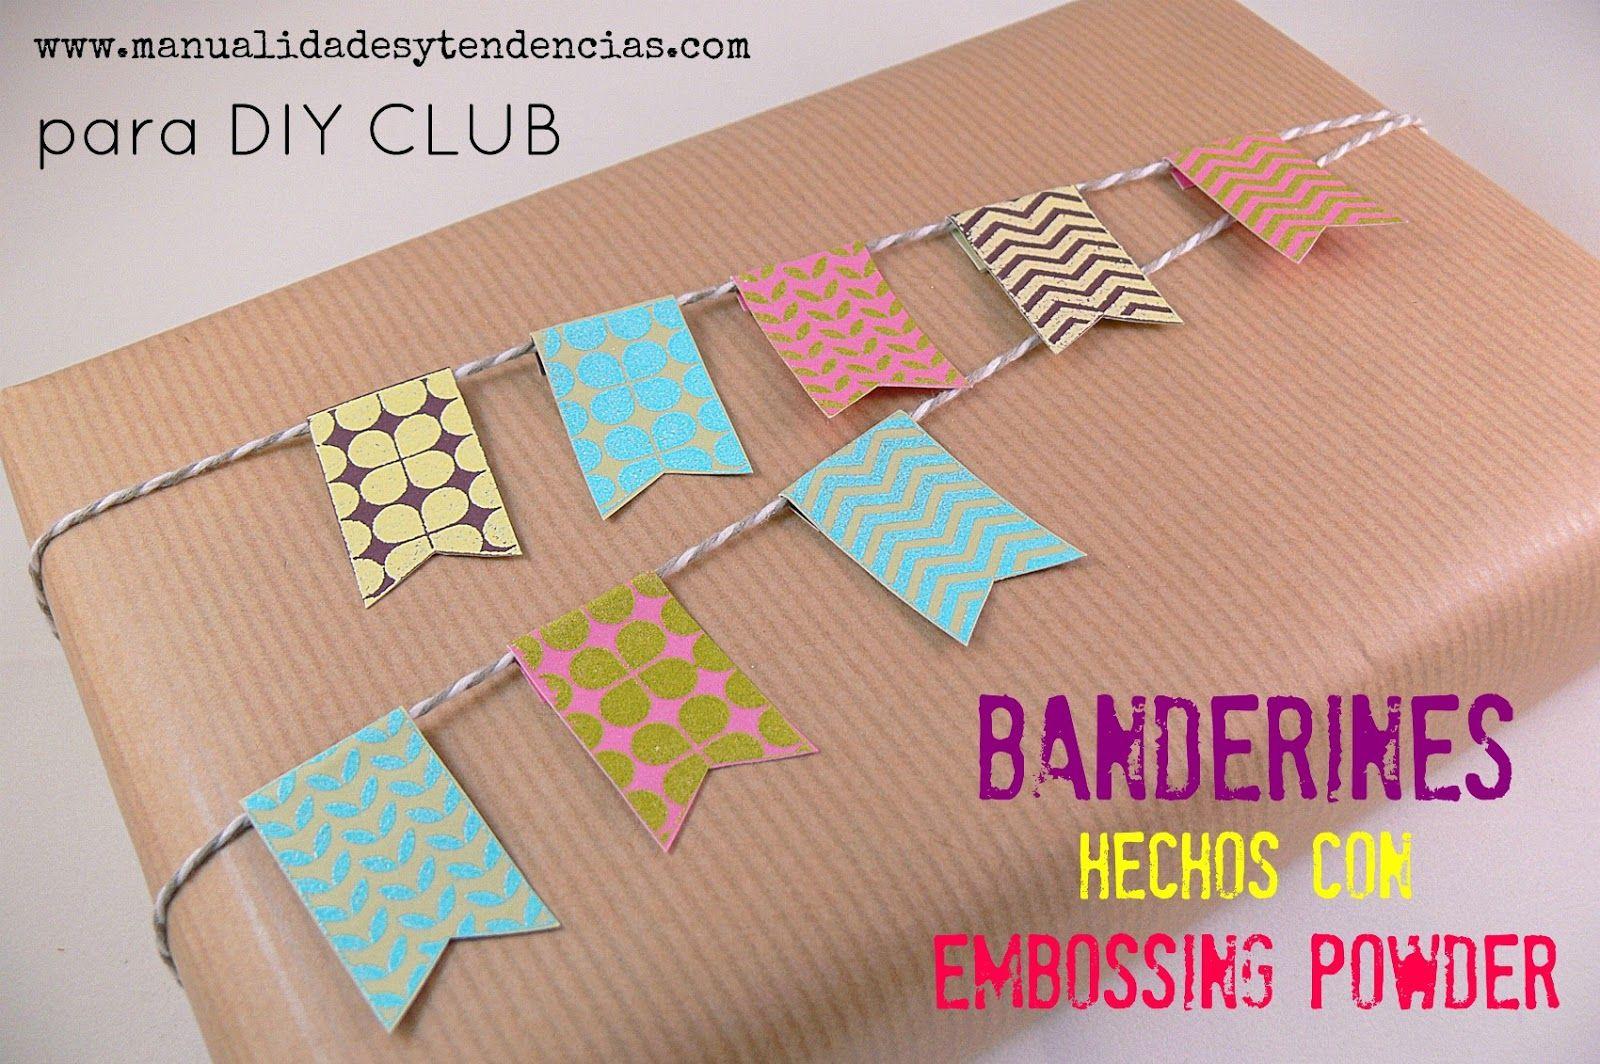 Guirnalda+de+banderines+hechos+con+embossing+powder.jpg (1600×1064)